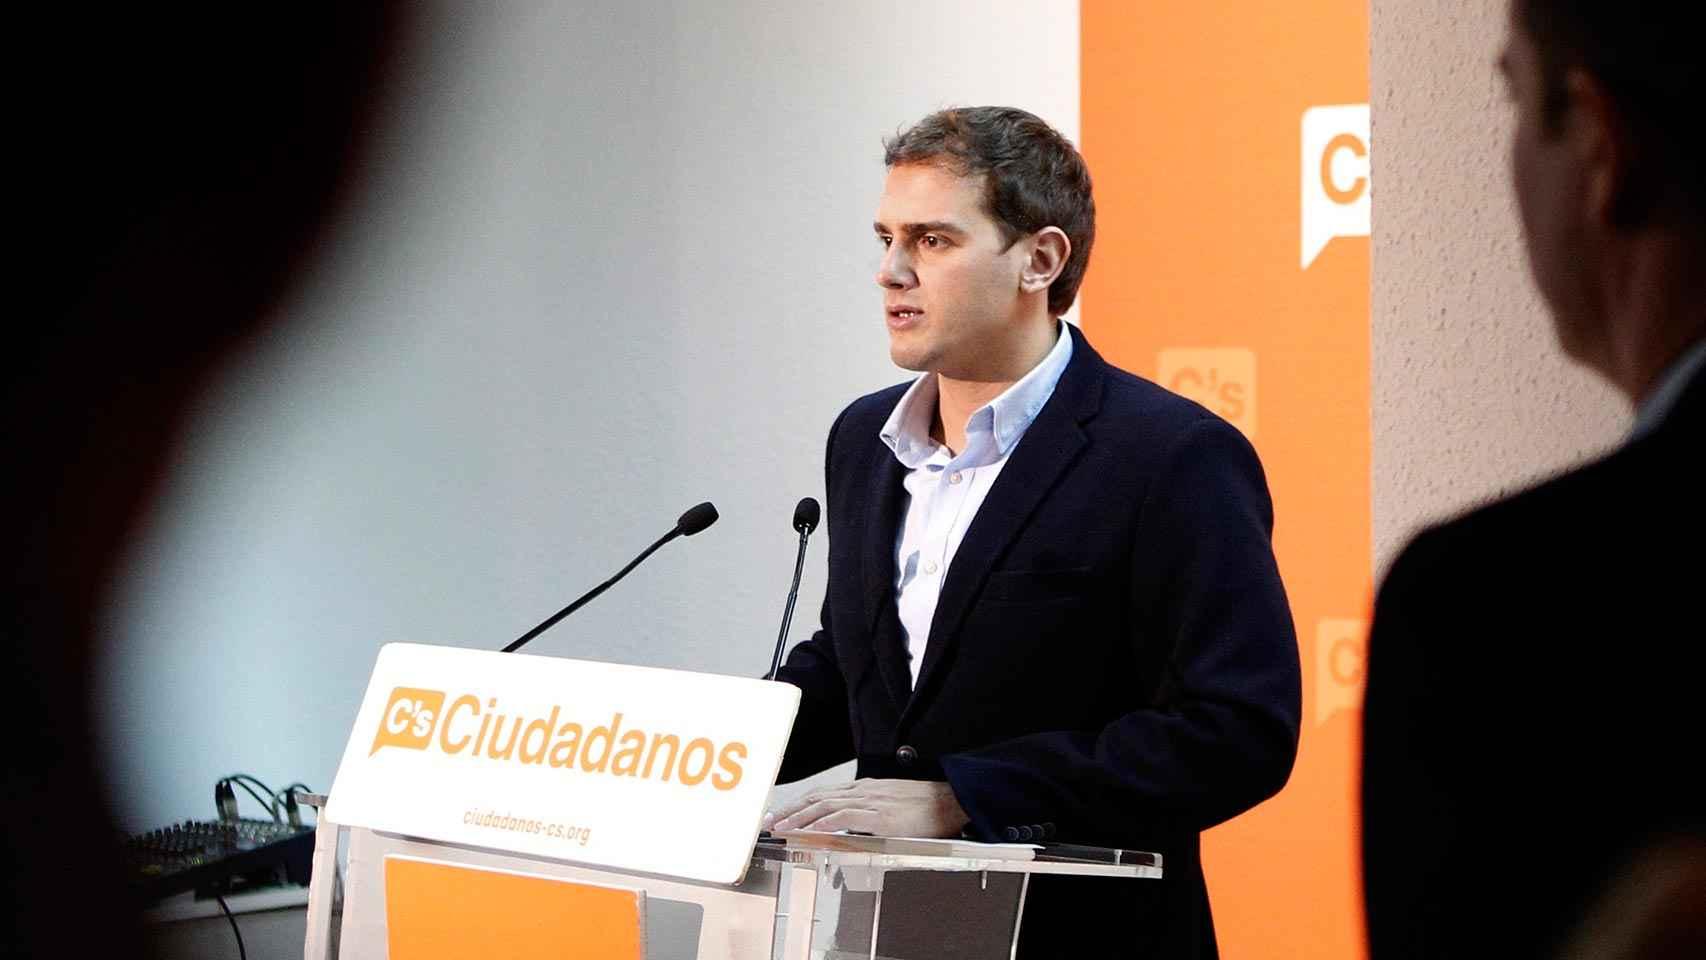 El secretario general de Ciudadanos, Albert Rivera, durante la rueda de prensa que ofreció en la sede del partido en Madrid.